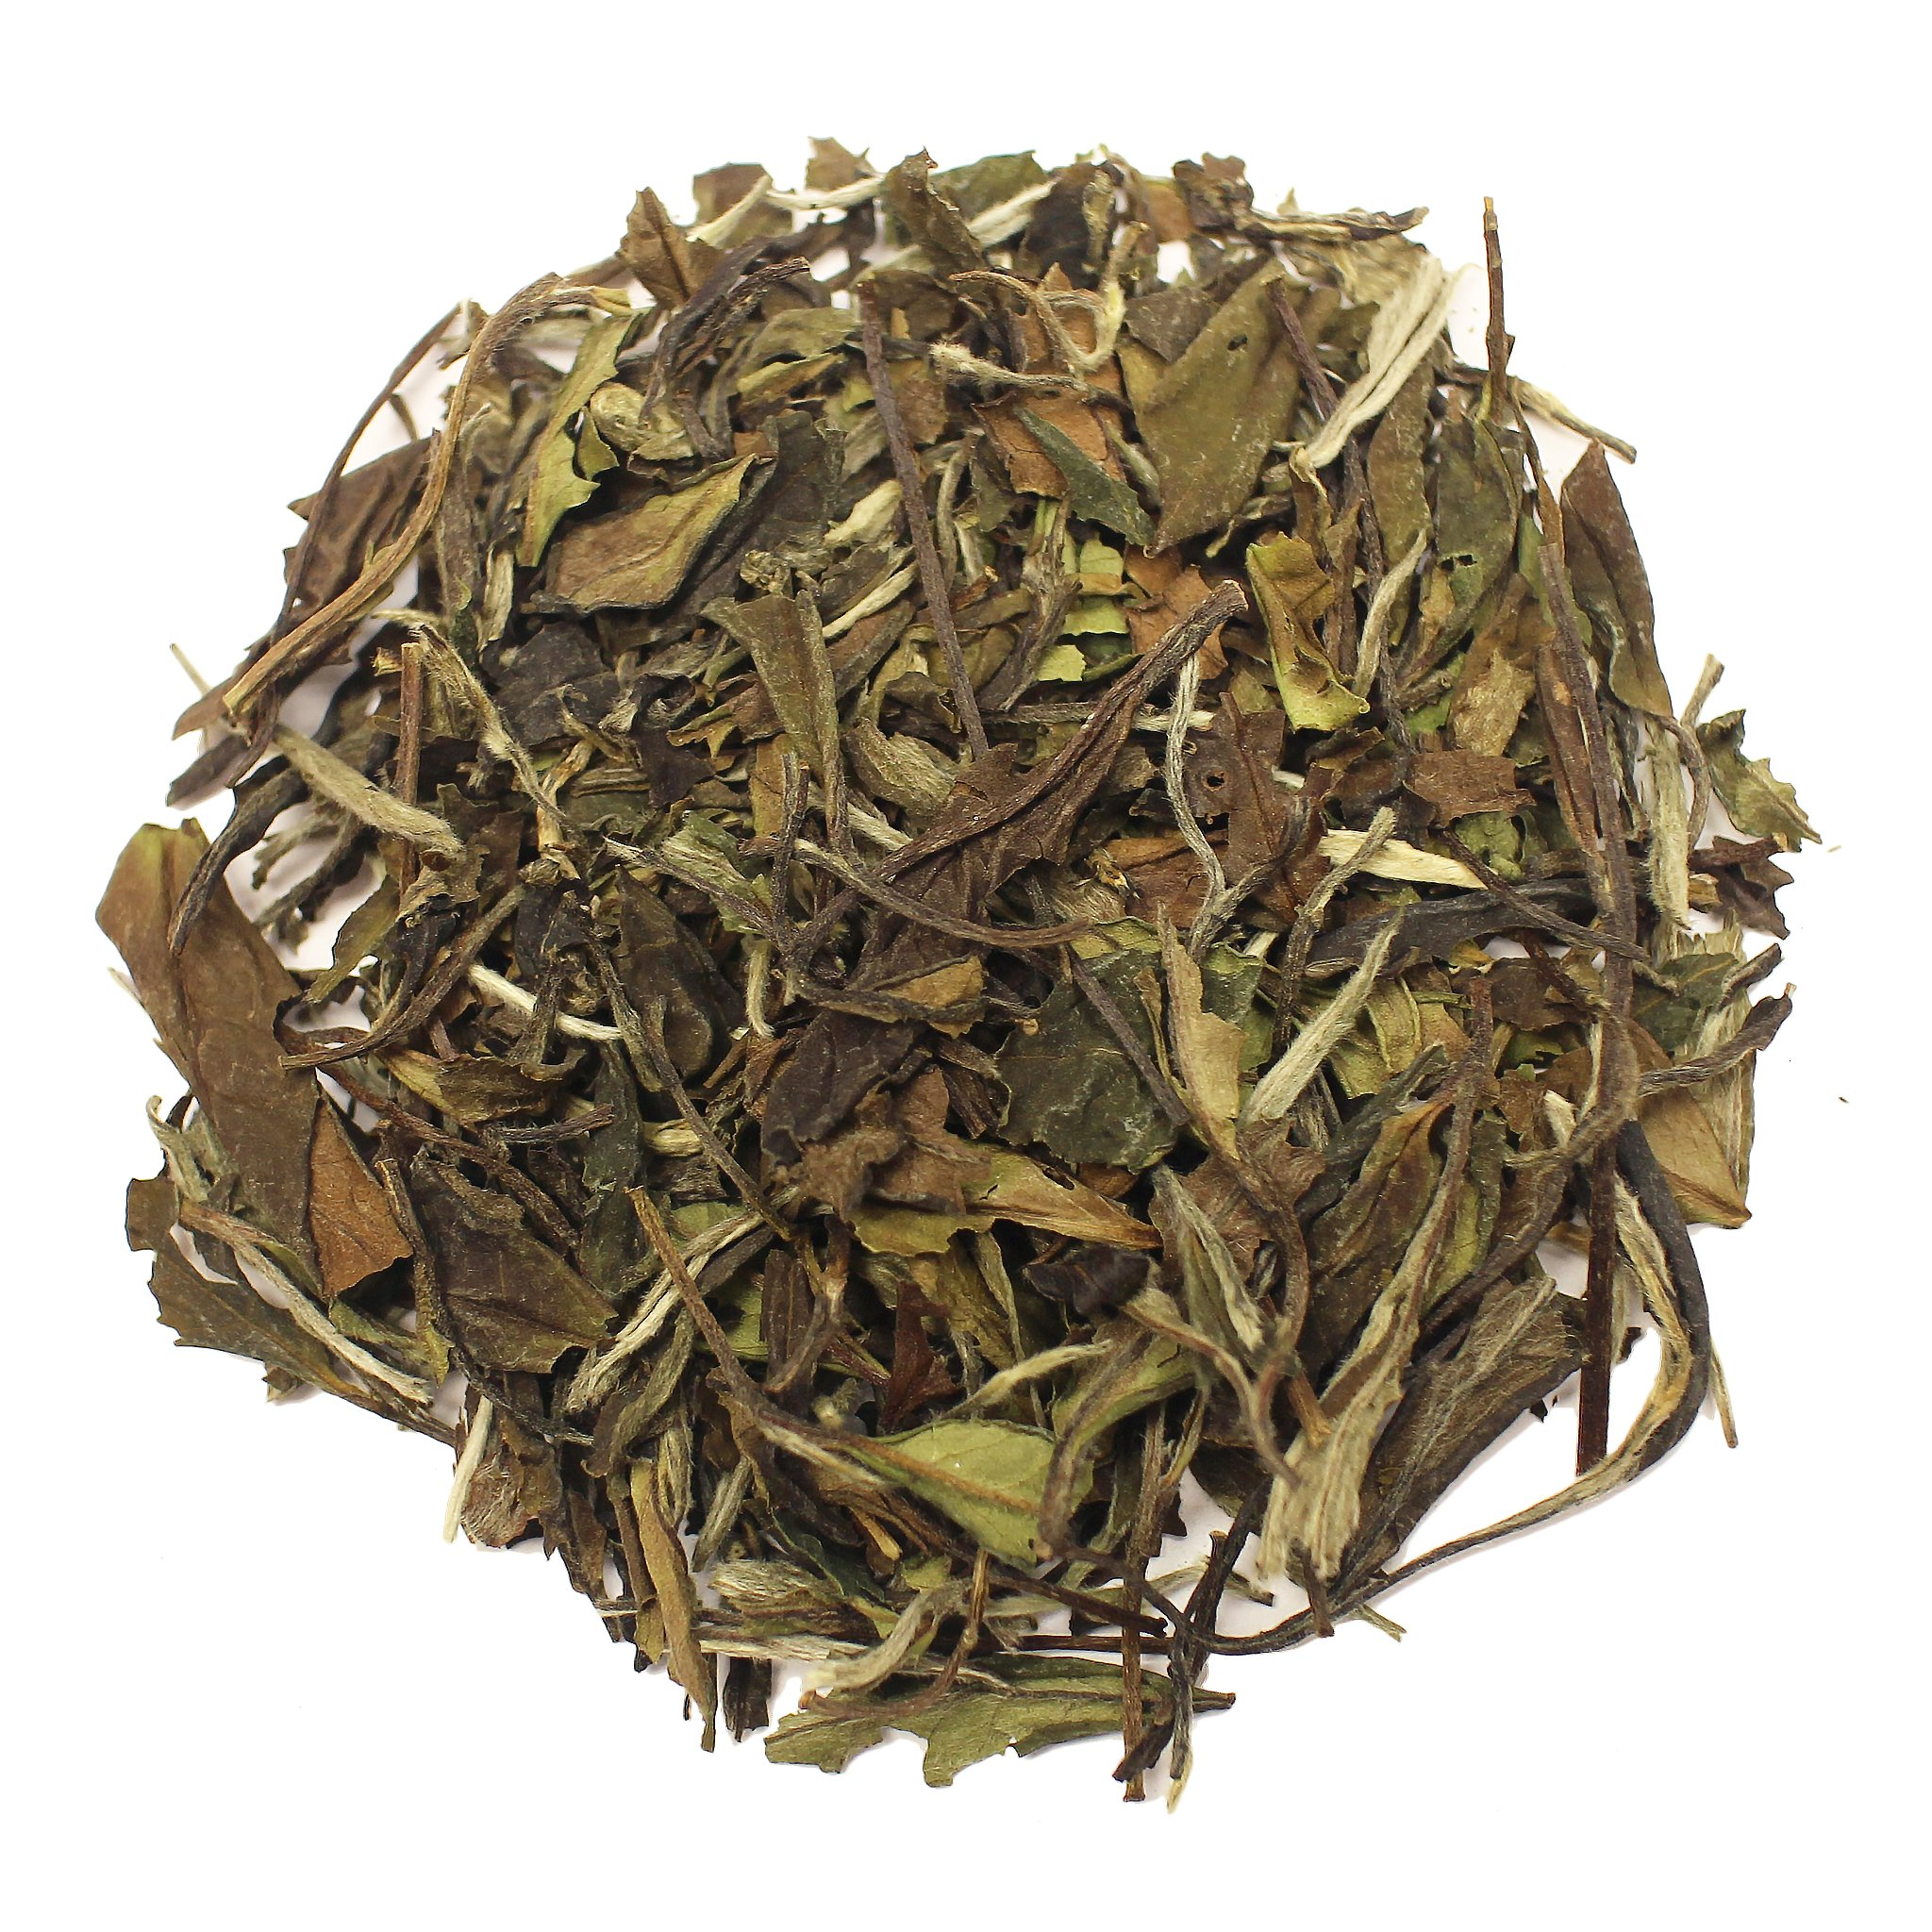 The Tea Farm - White Peony White Tea - Chinese Loose Leaf White Tea (2 Ounce Bag) by The Tea Farm